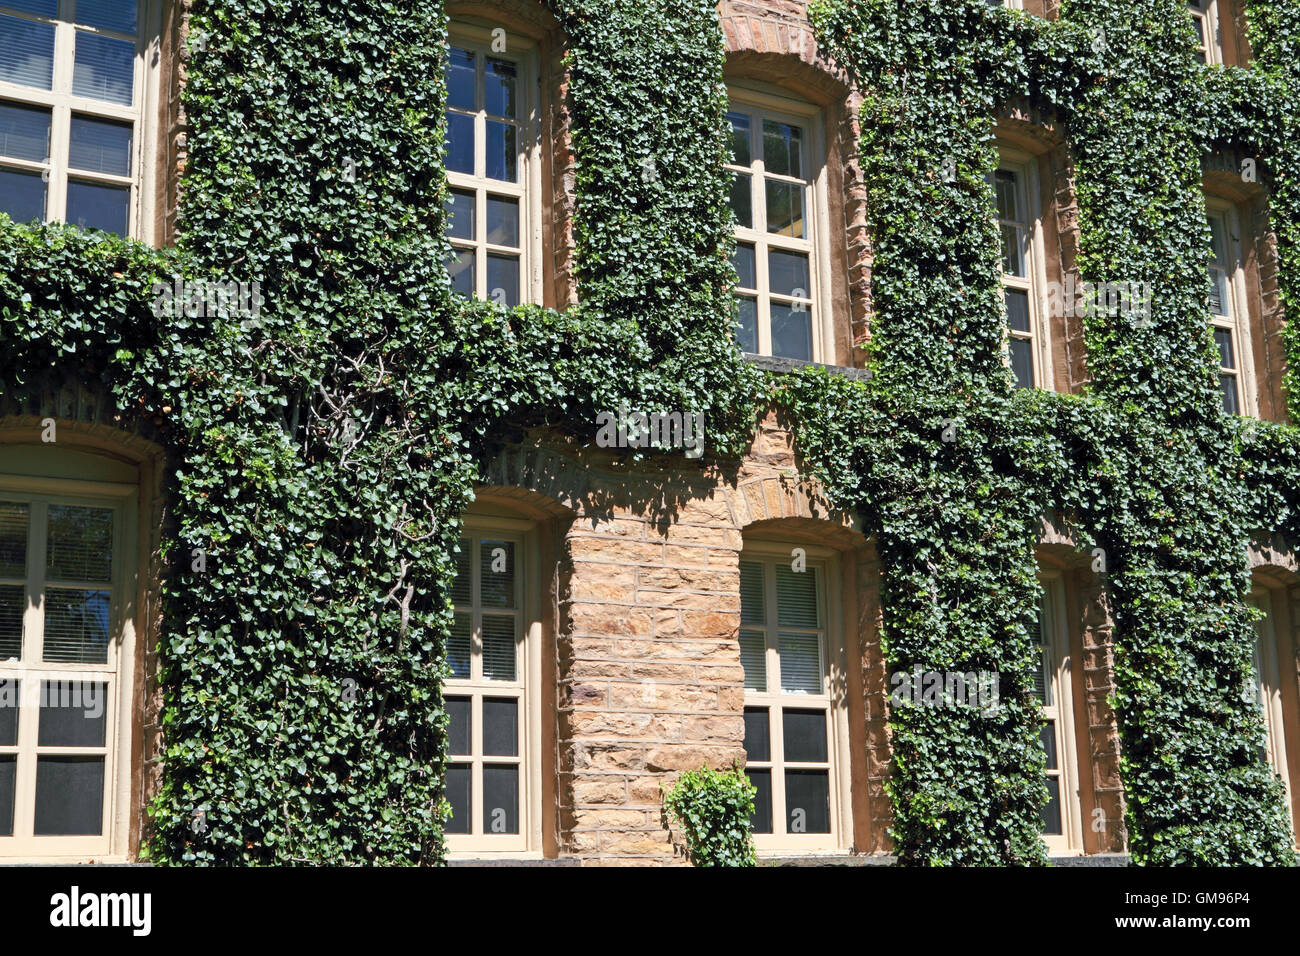 Las paredes cubiertas de hiedra de Nassau Hall, de la Universidad de Princeton, Princeton, Nueva Jersey, EE.UU. Imagen De Stock